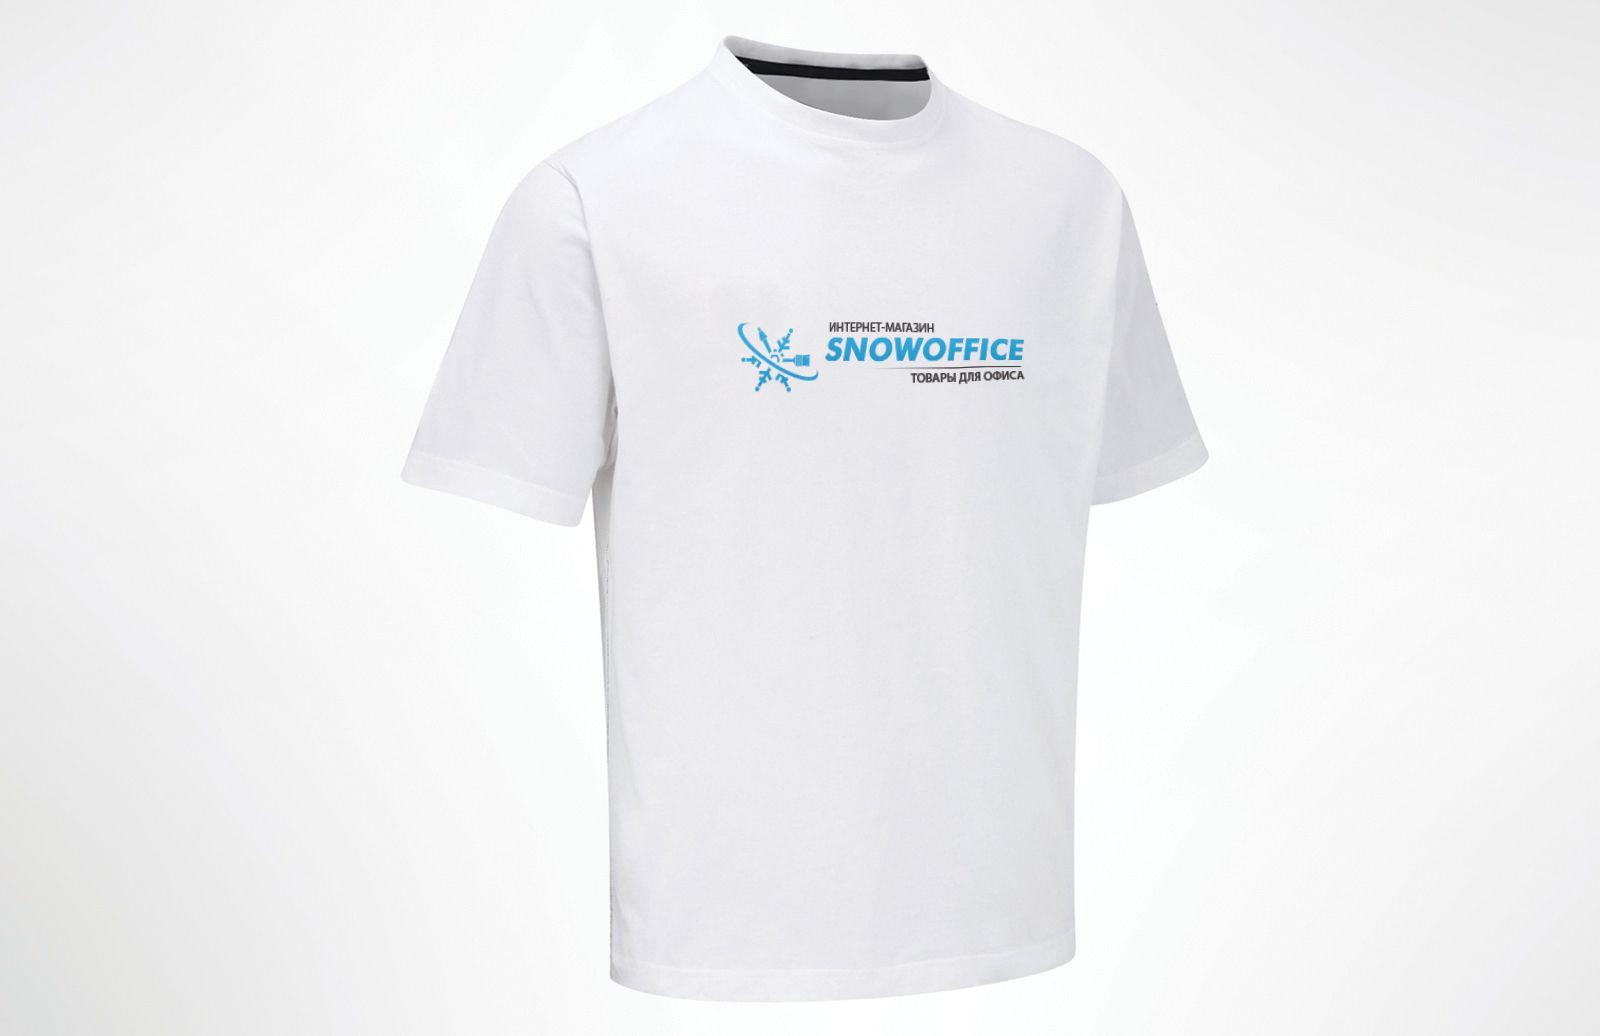 Лого и фирменный стиль для интернет-магазина - дизайнер vadimsoloviev